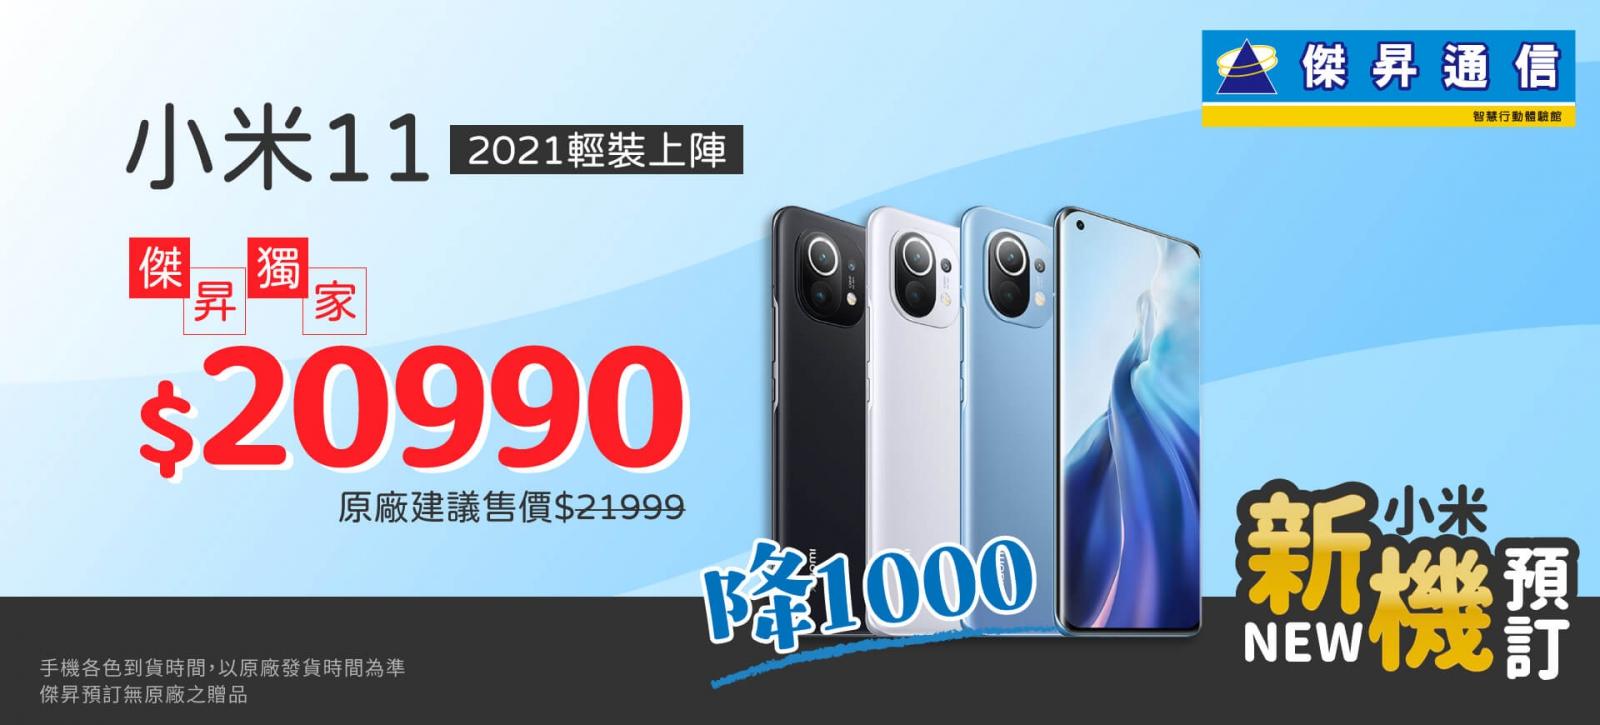 傑昇通信「小米超級品牌日」 全新旗艦機小米11再降1千